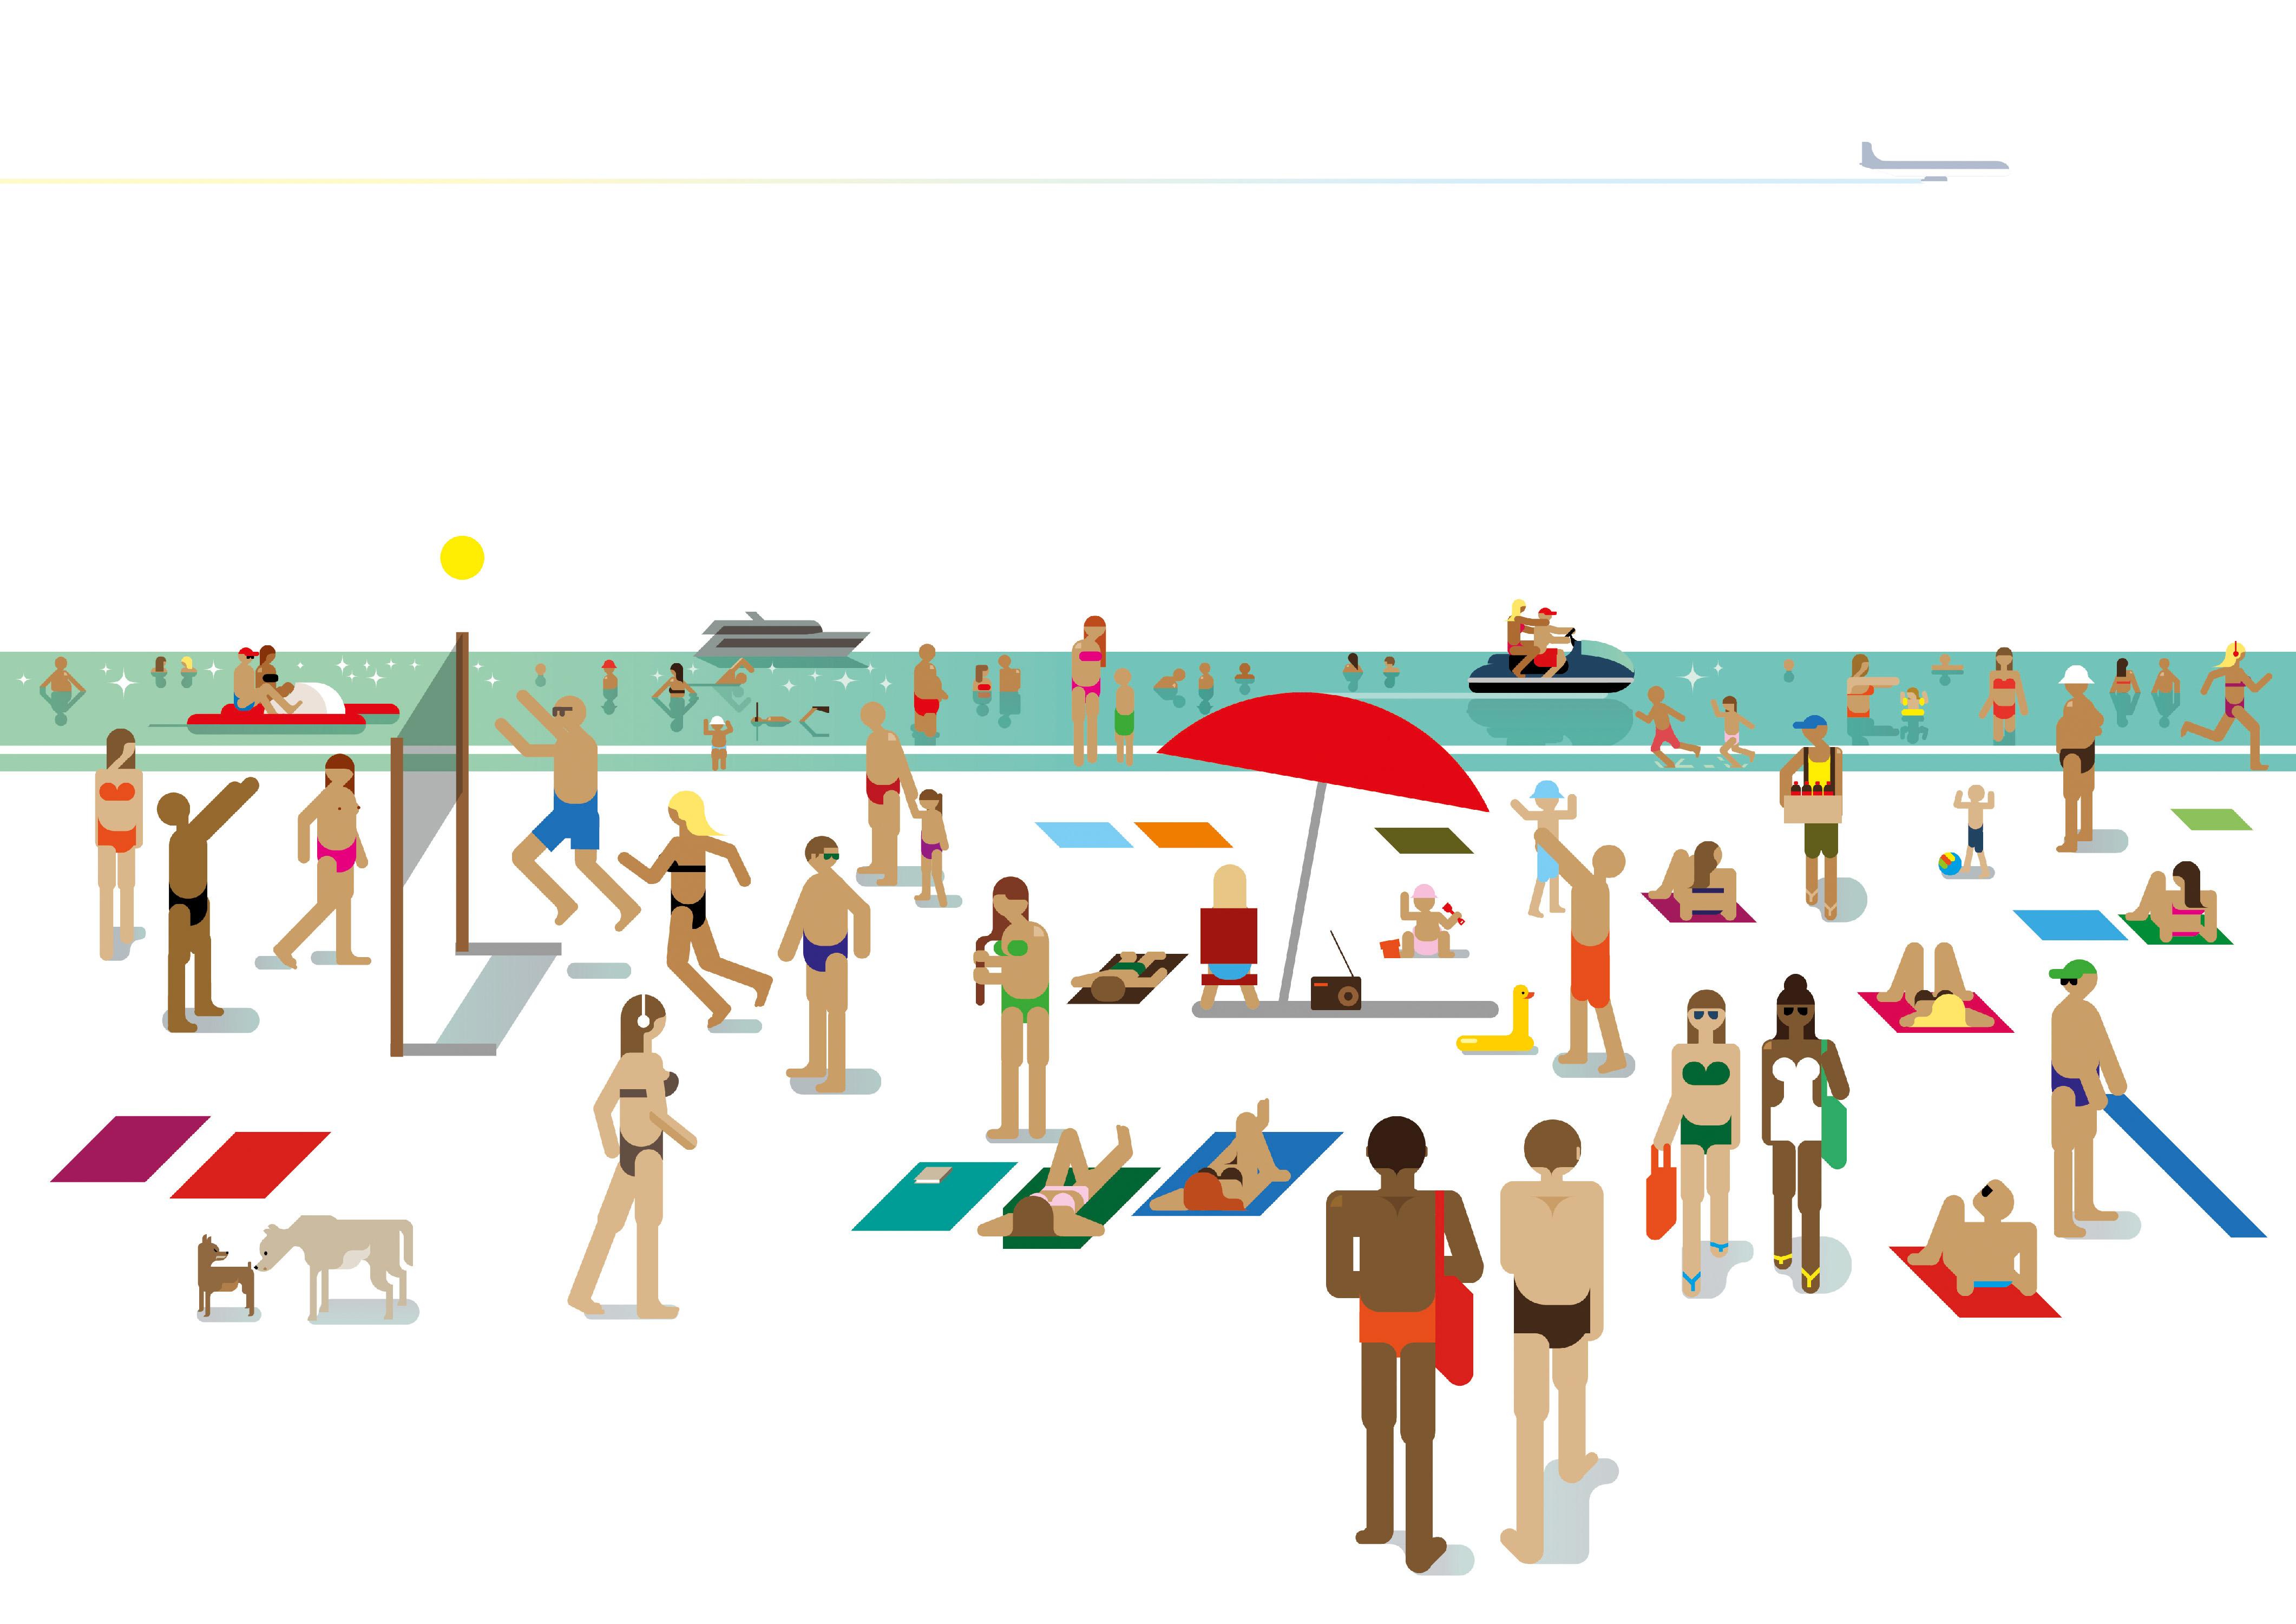 joselozano_beach